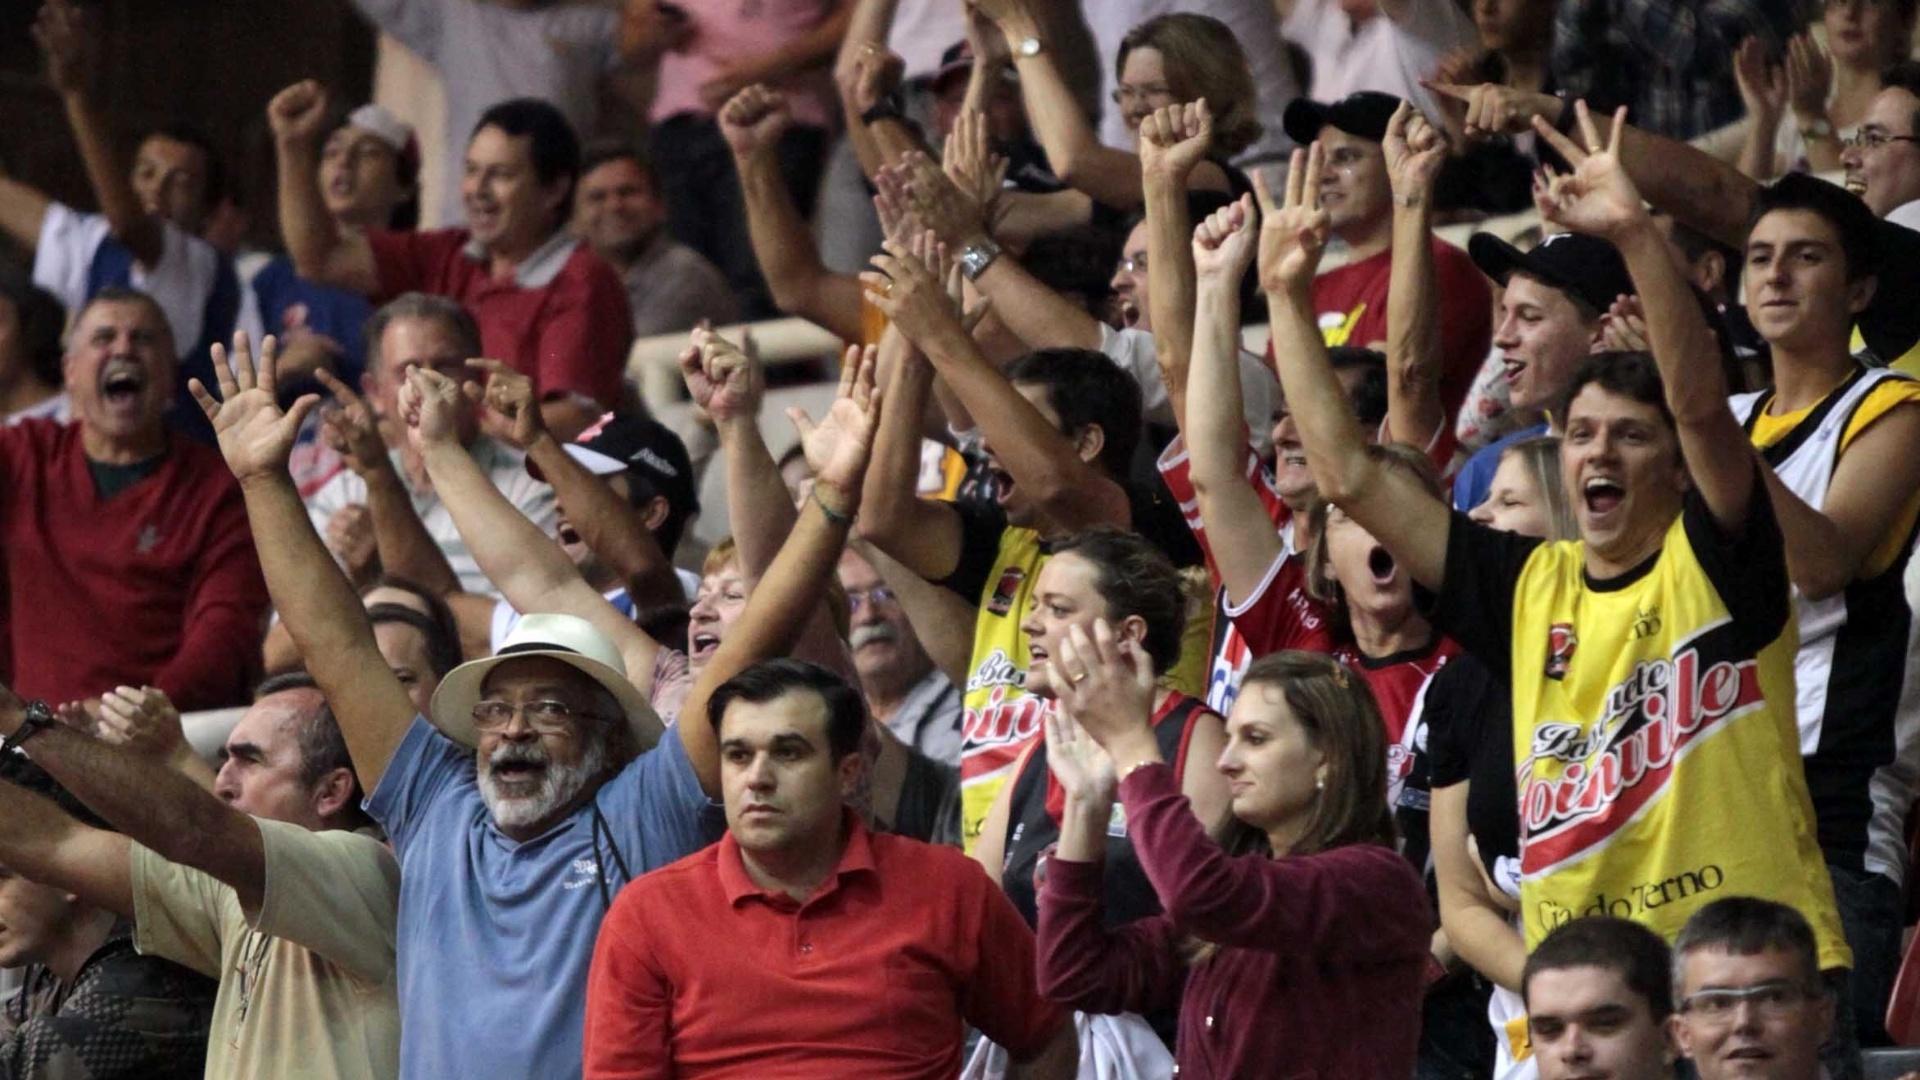 Torcida de Joinville faz festa durante a partida contra o Pinheiros